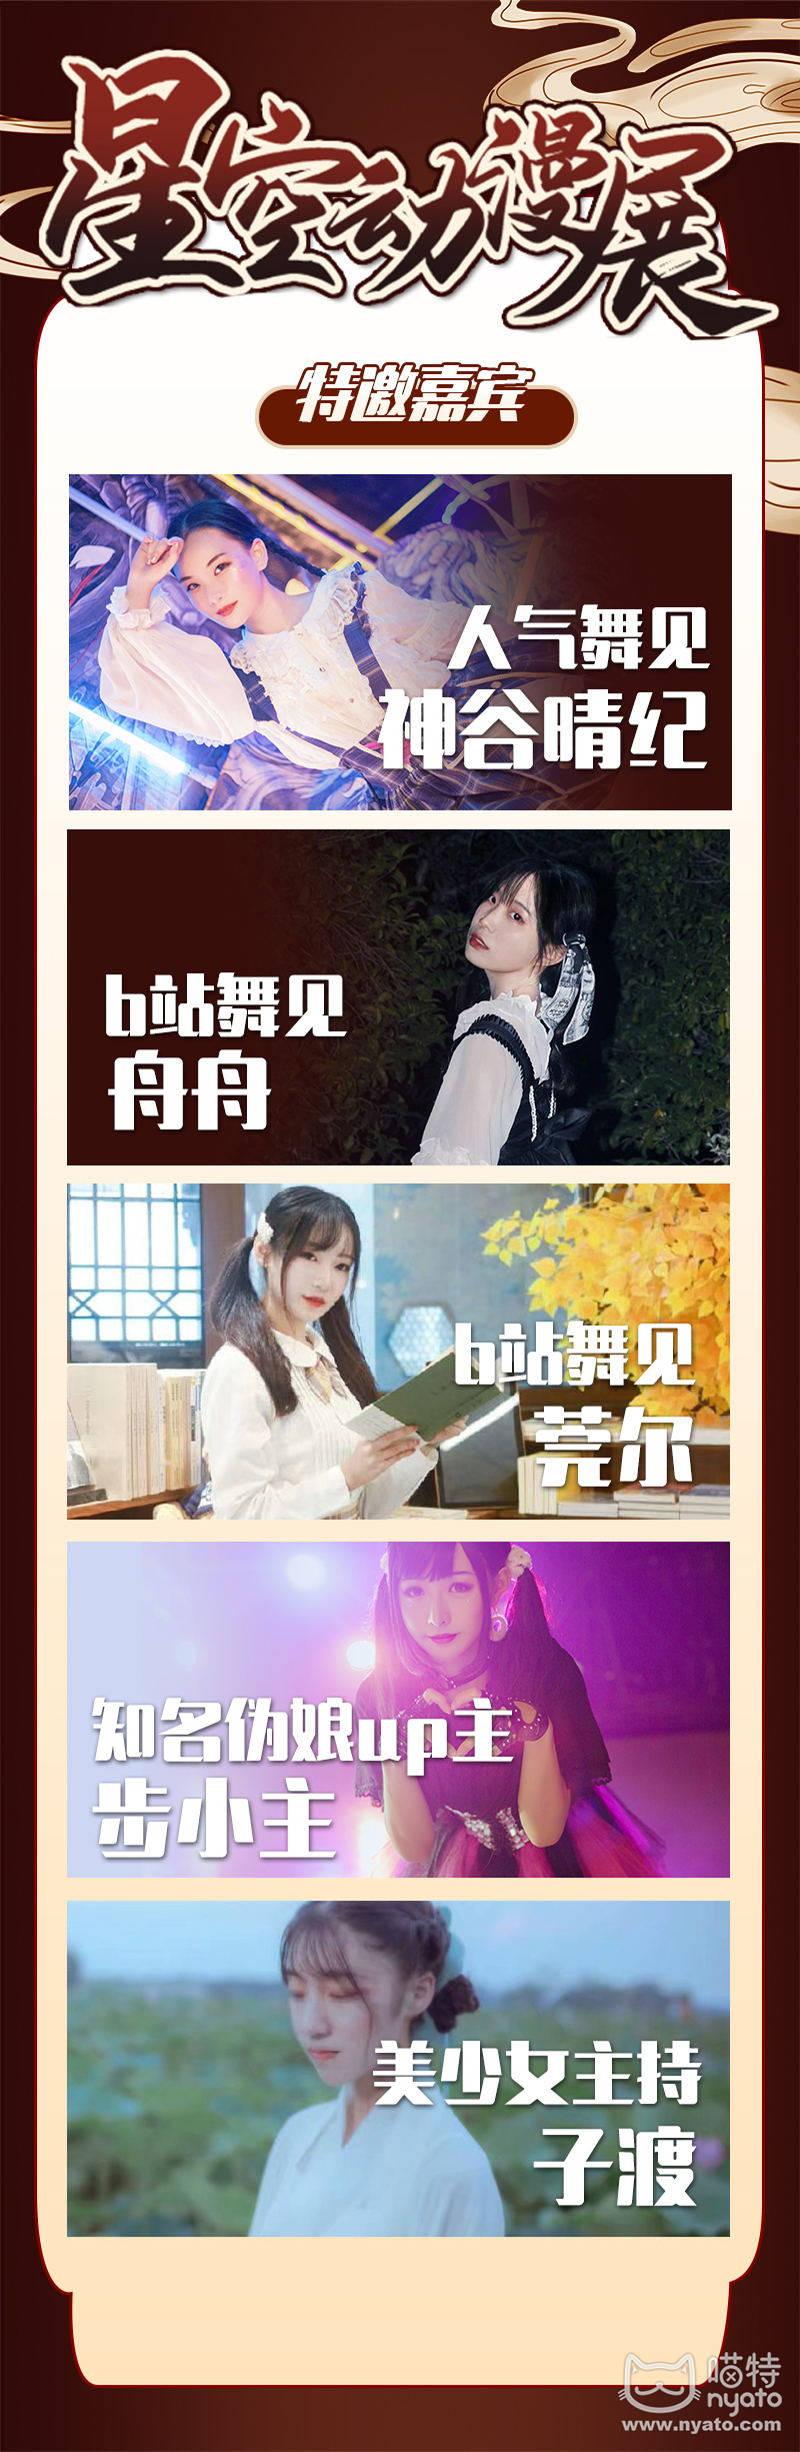 星空-嘉宾_看图王.jpg